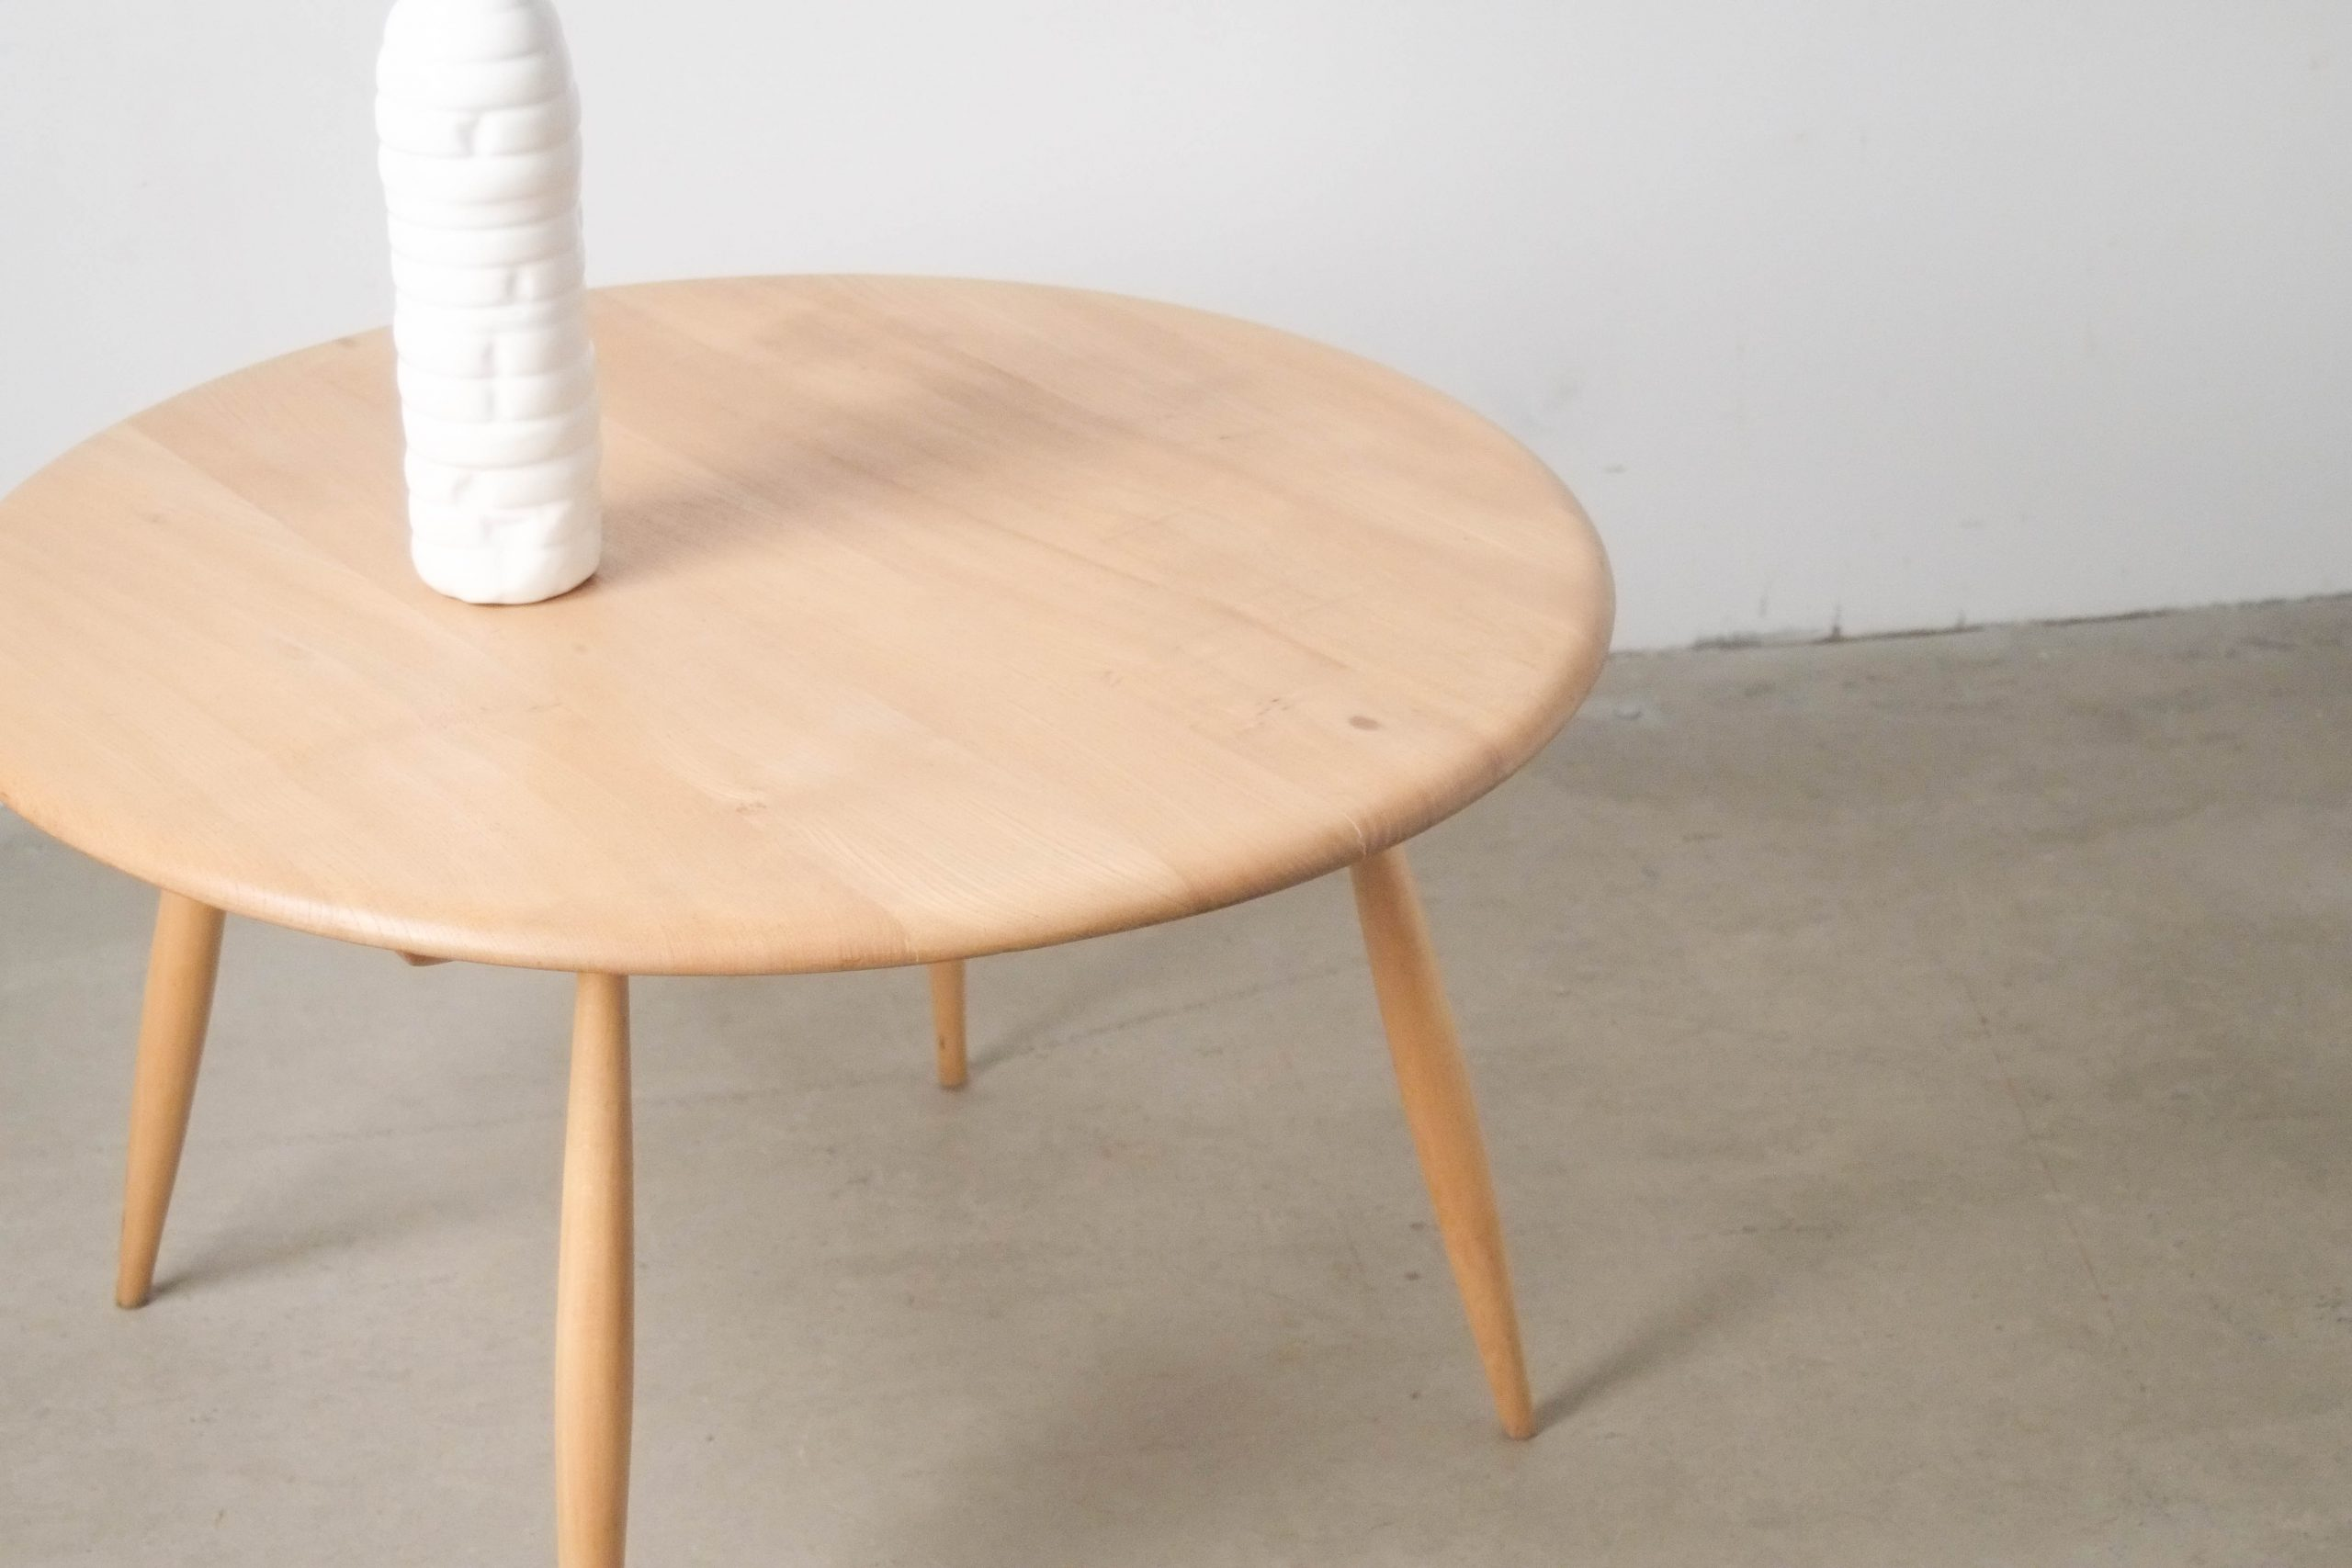 mesa de madera de olmo ercol fabricada a mano en reino unido